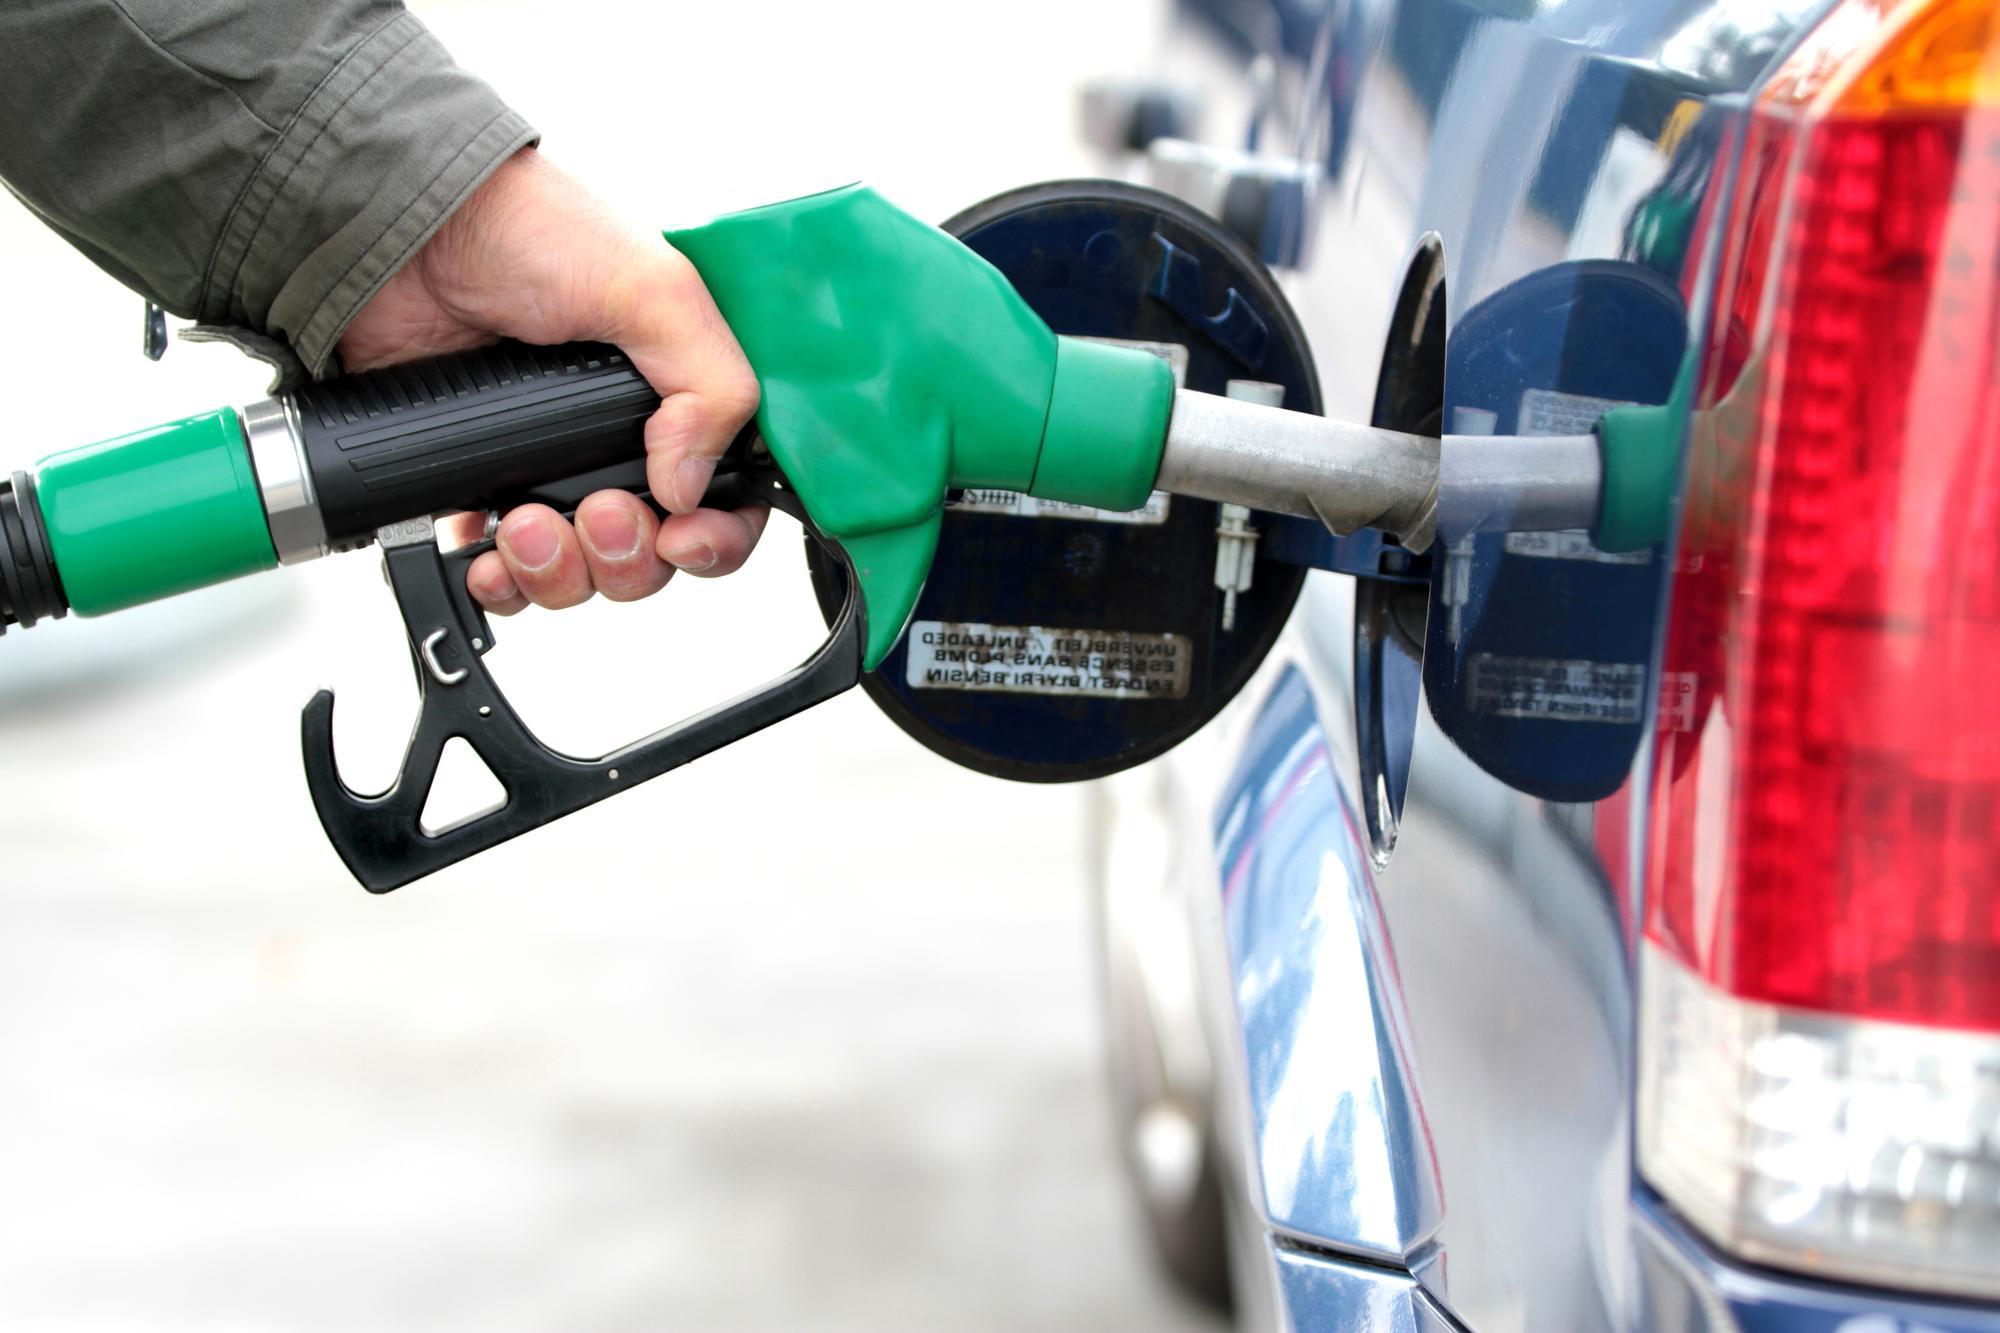 هل يجب اطفاء محرك السيارة في محطة الوقود؟